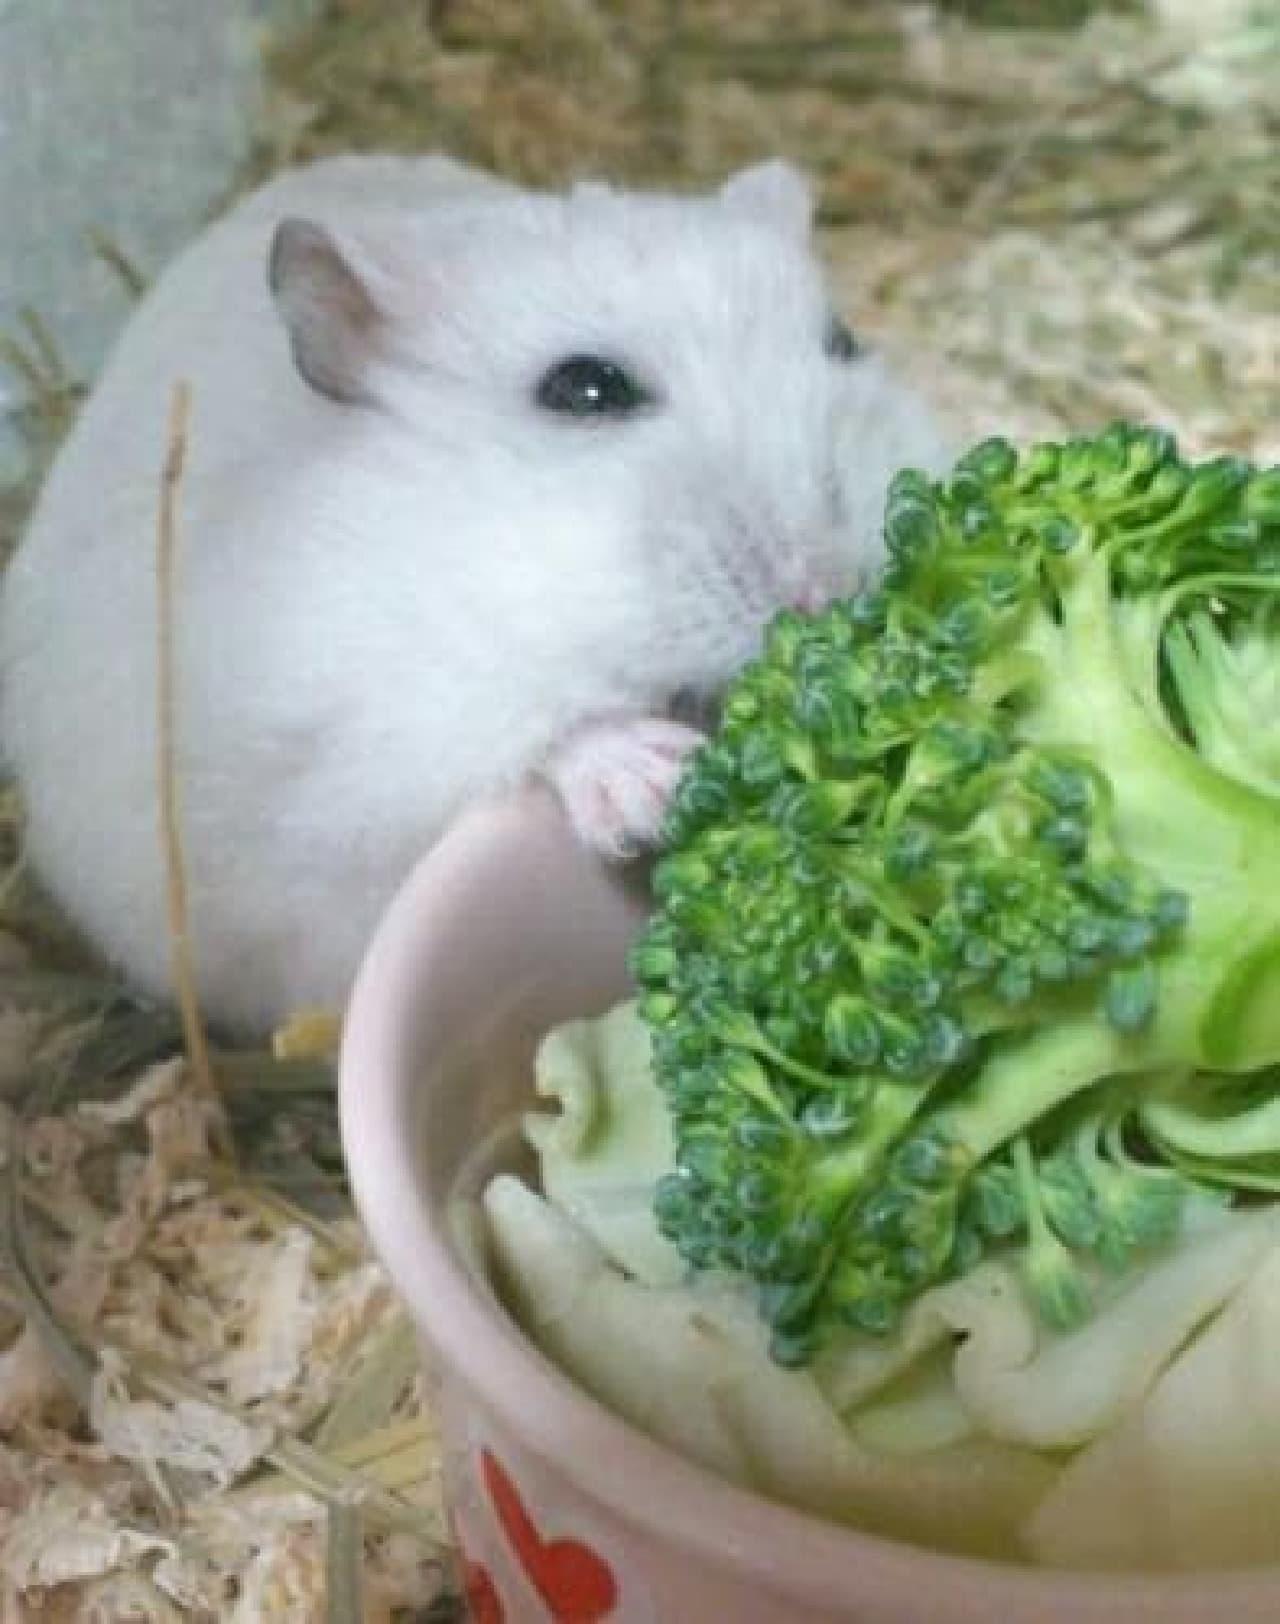 食べていい?ねぇ、食べていい?  (提供:Riku さん)